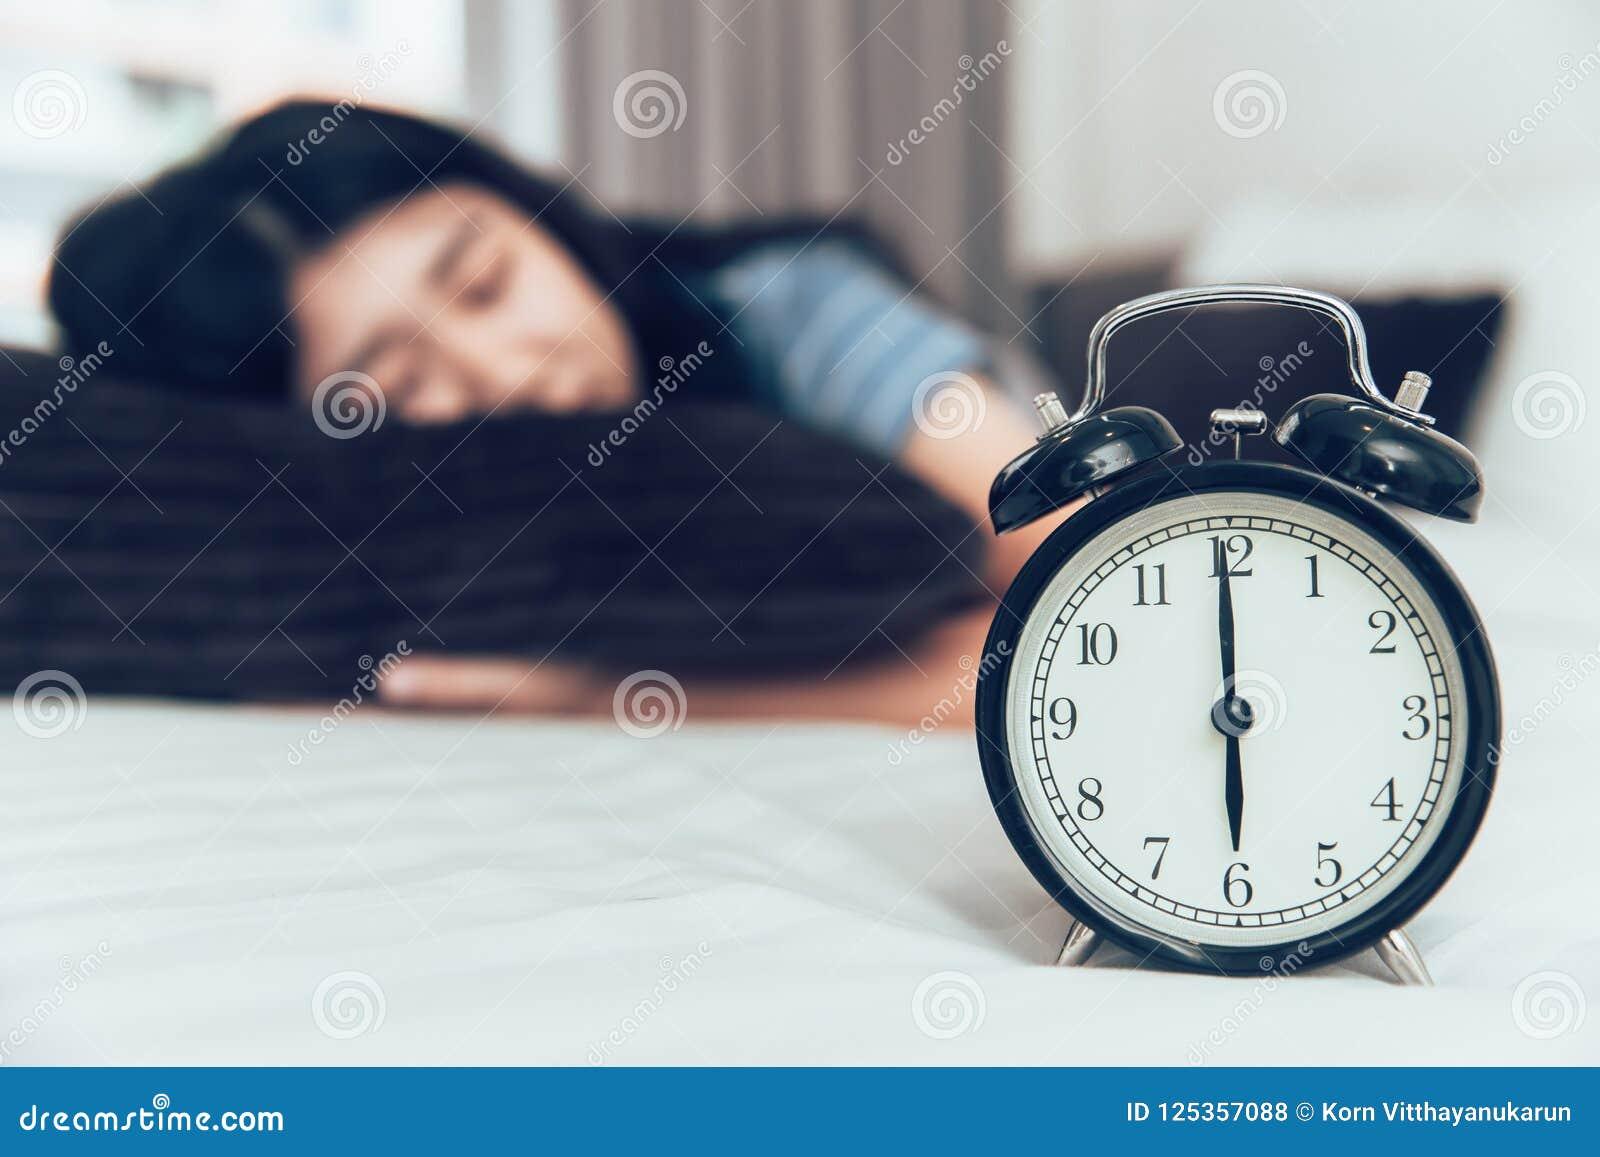 Κοισμένος ή κοιμισμένο υπόλοιπο από τον κουρασμένο χρόνο ημέρας